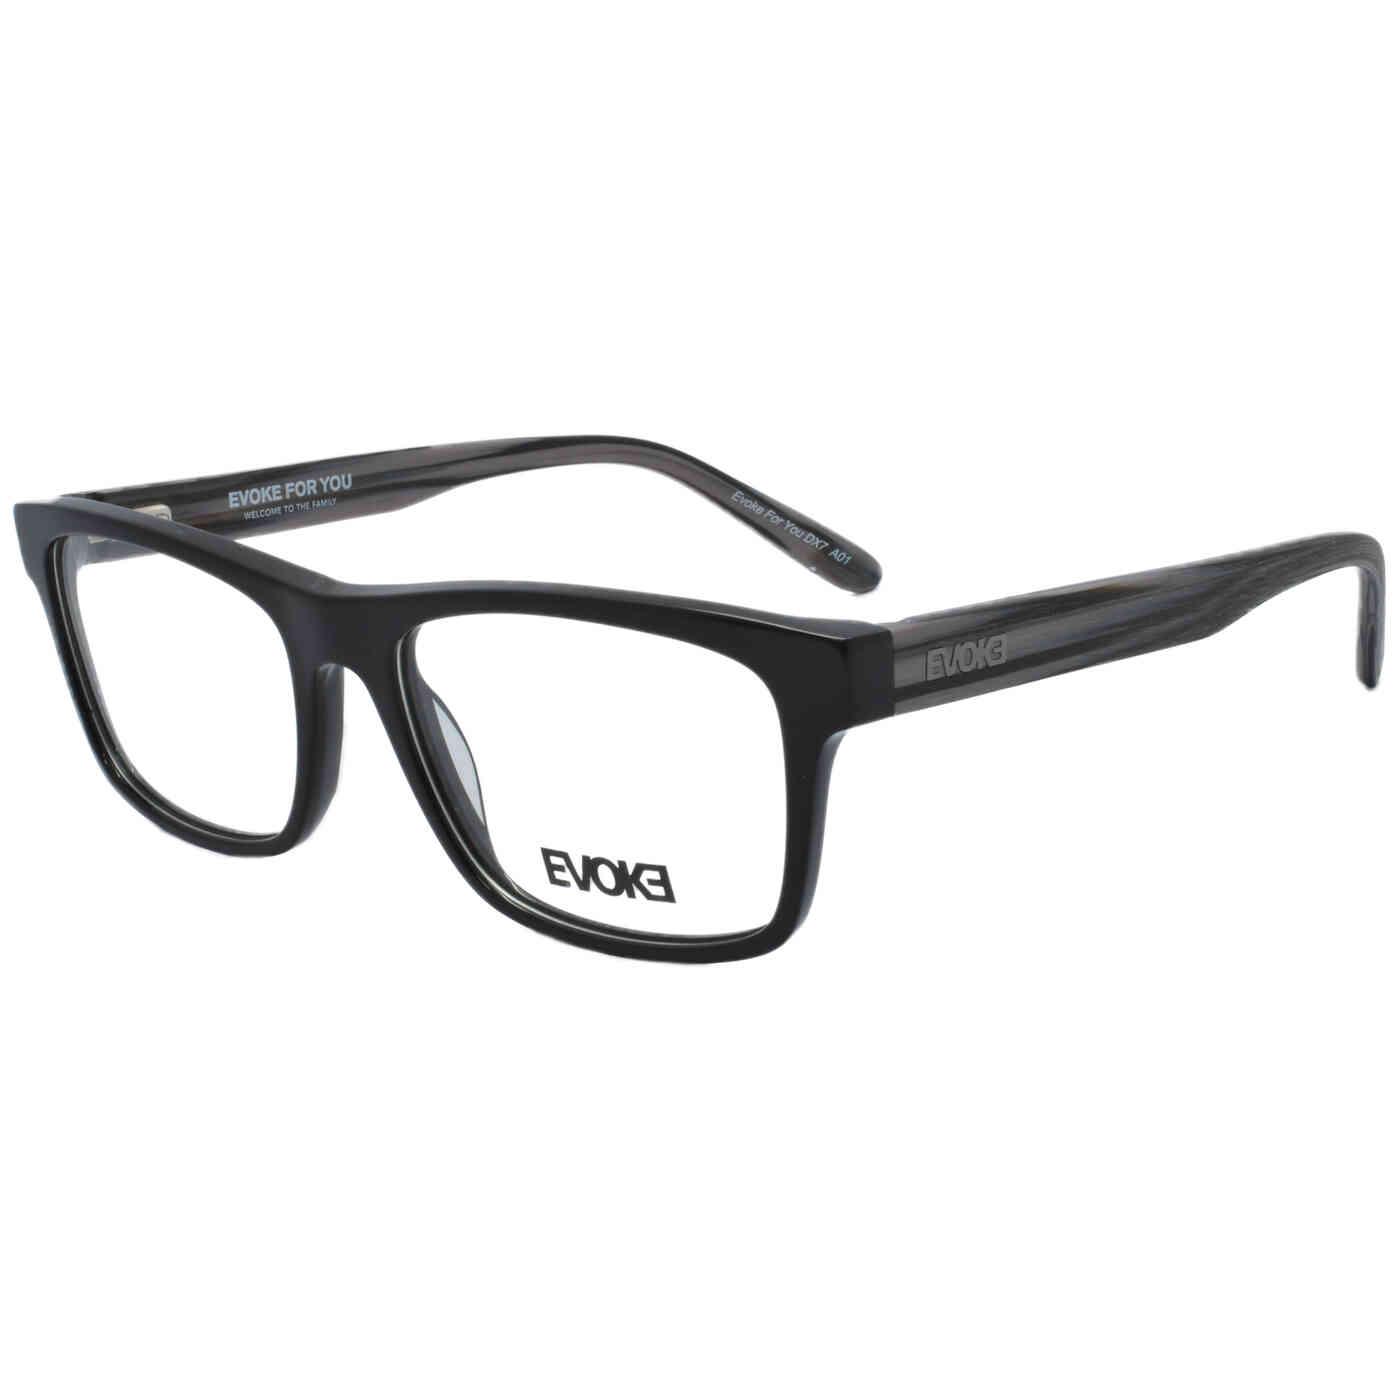 Óculos de Grau Evoke For You DX7 Masculino